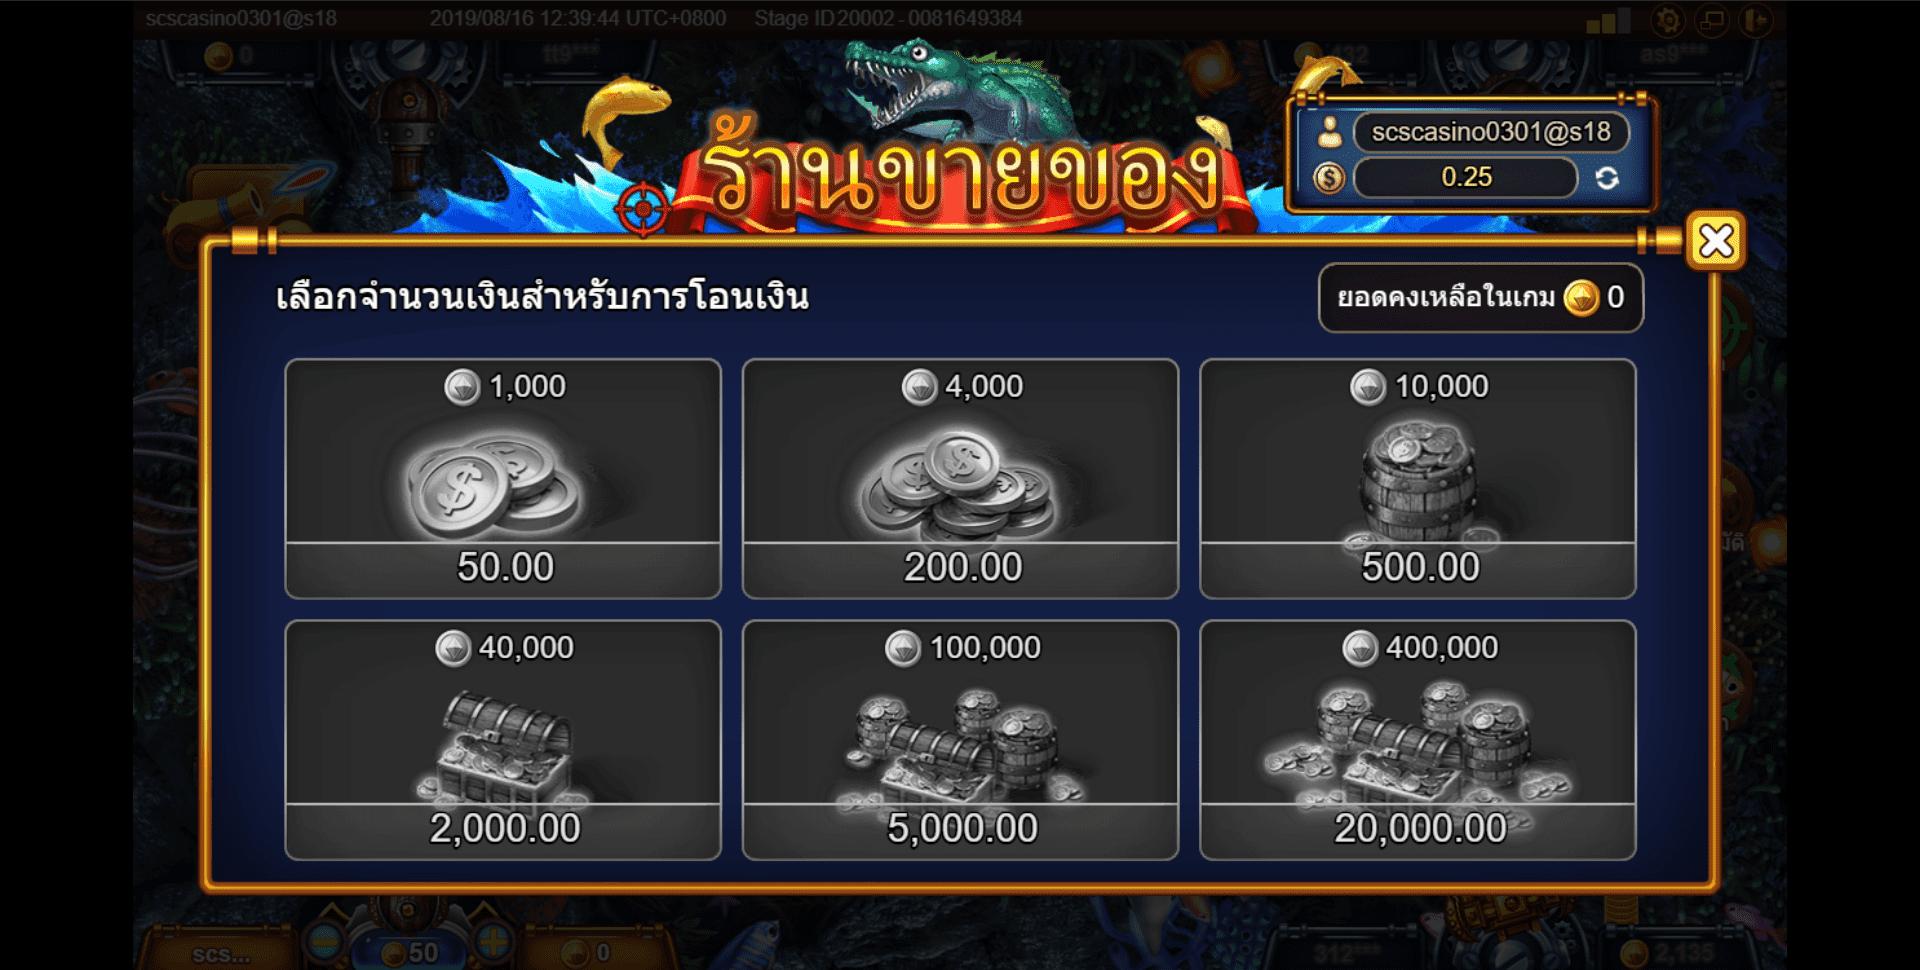 ร้านขายของเกมส์ยิงปลา FISHERMEN GOLD sa gaming